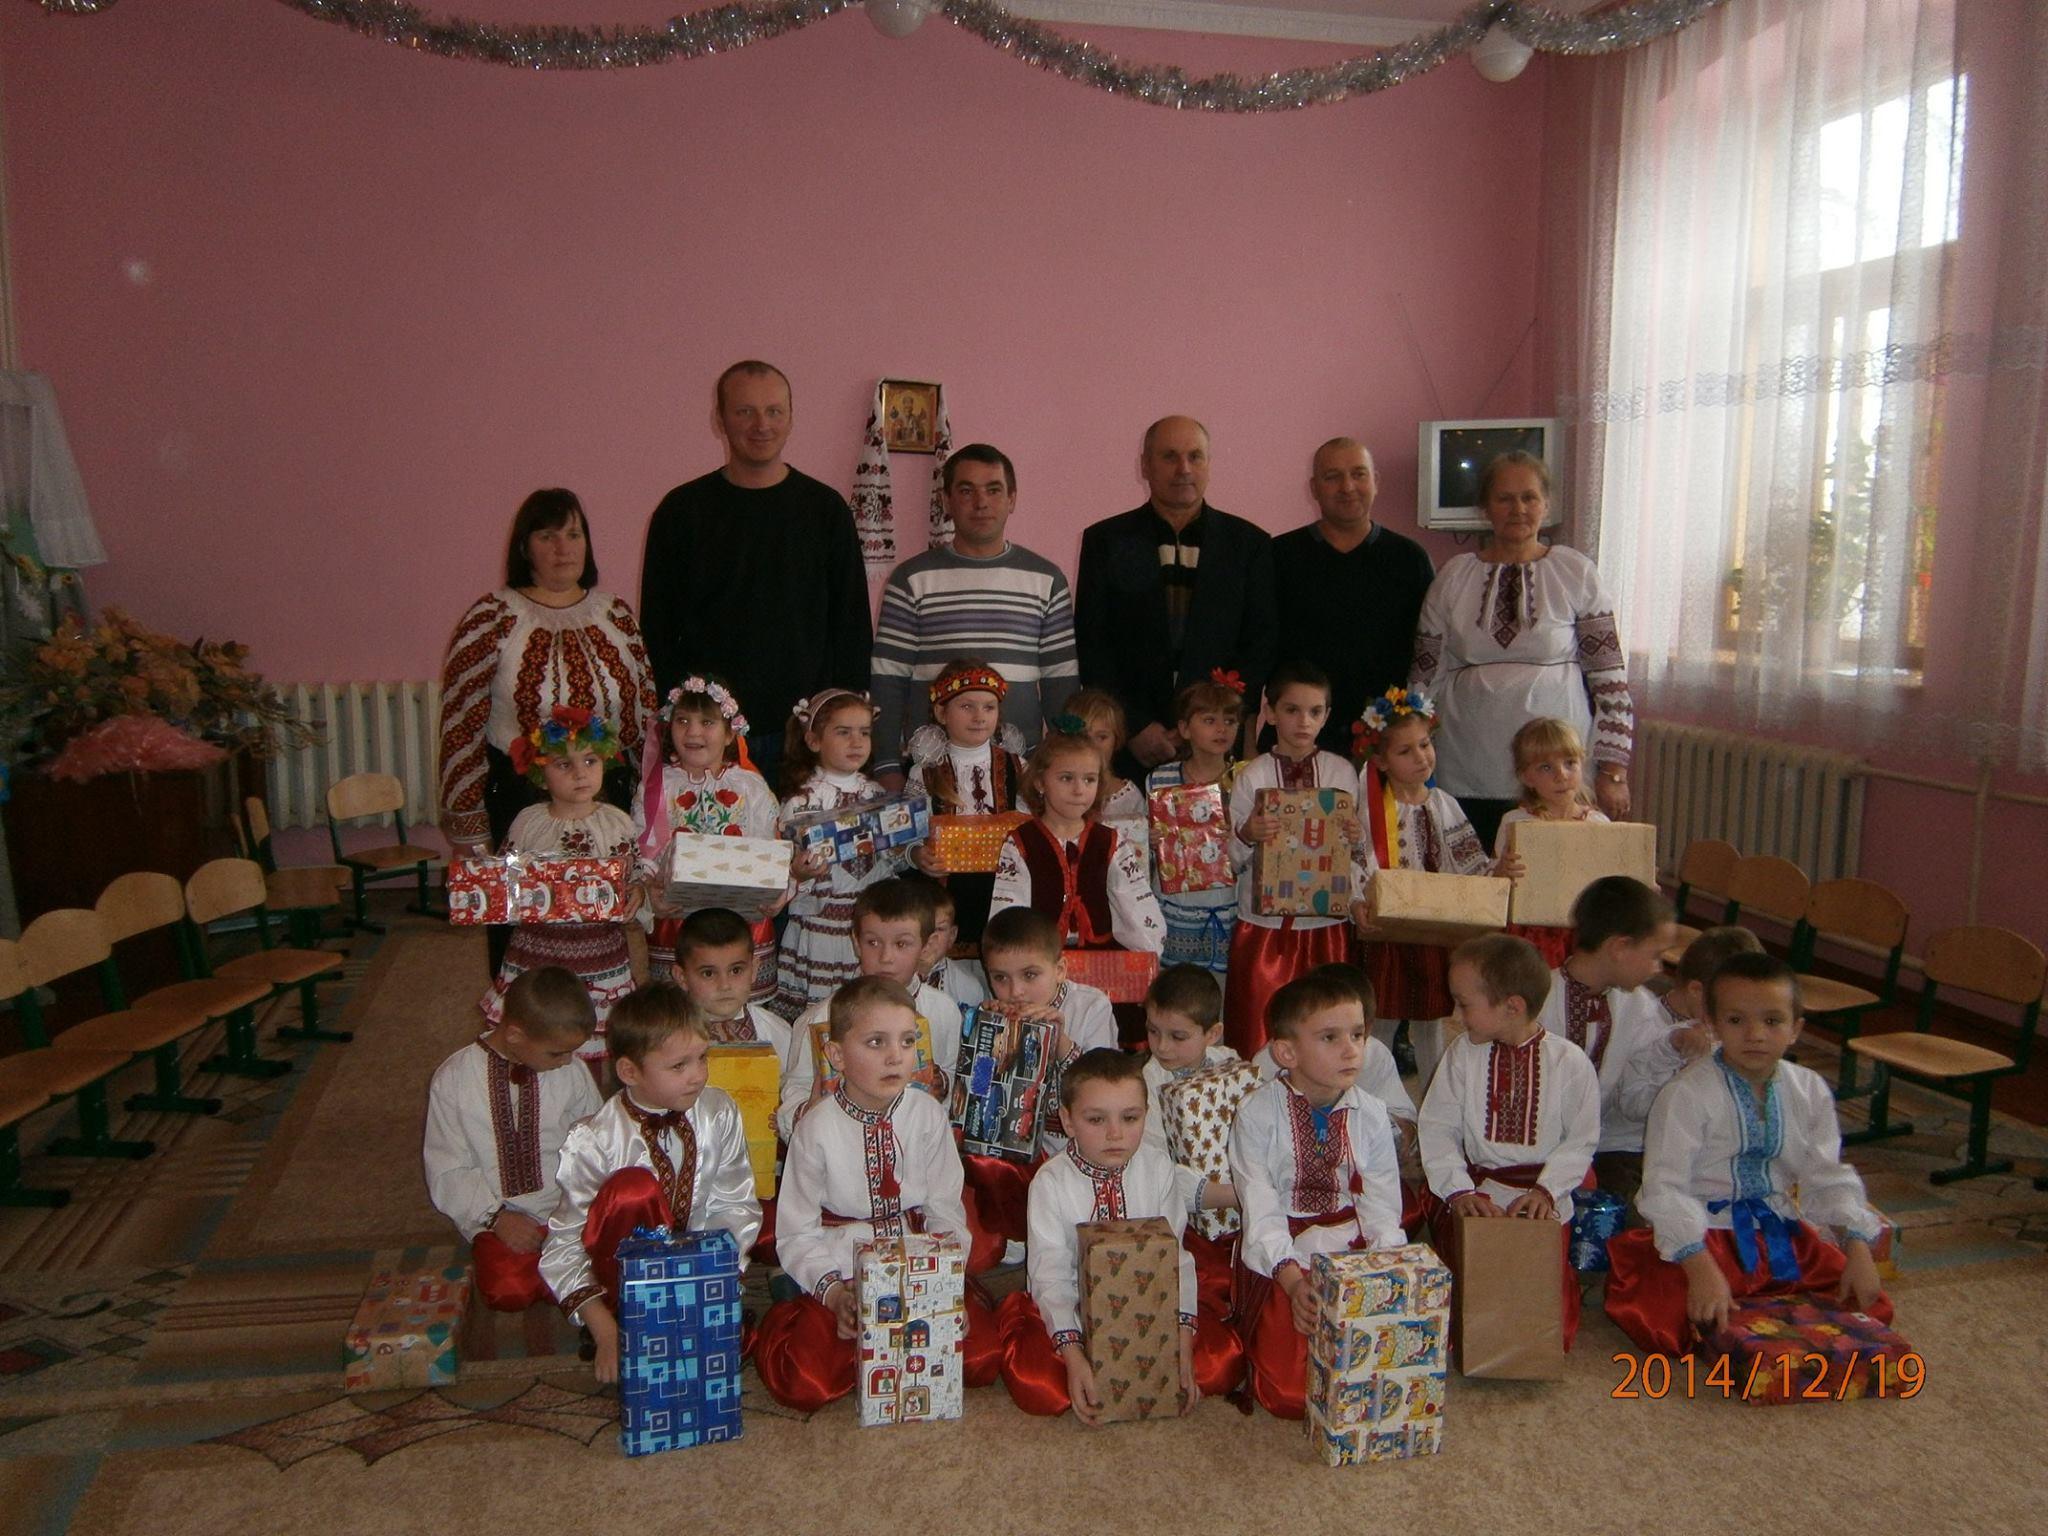 Weihnachten im schuhkarton ukraine